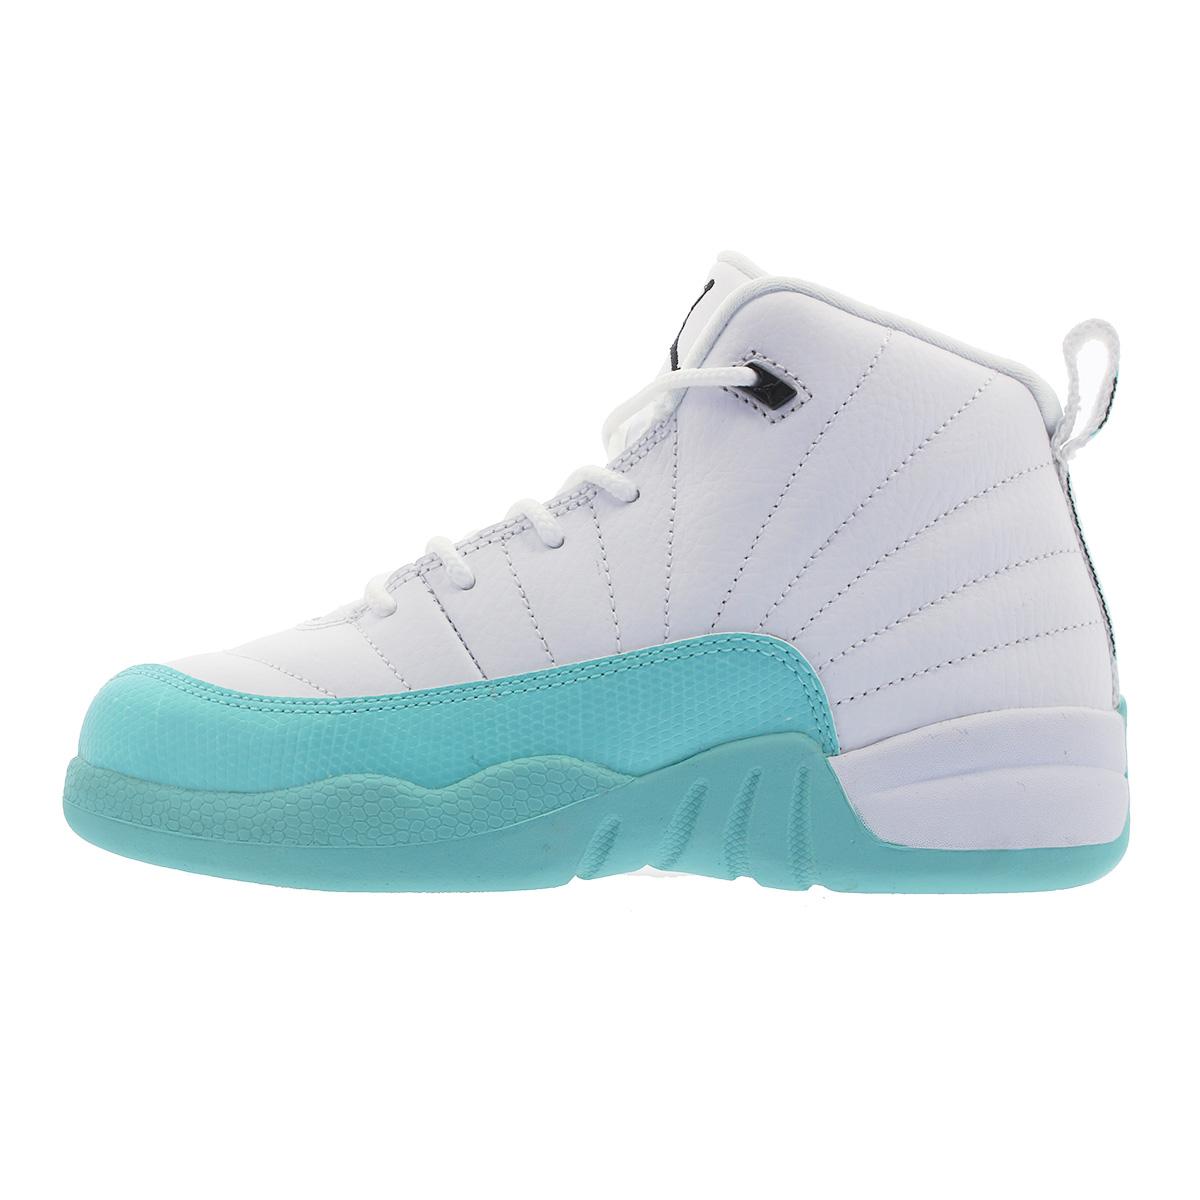 fb38ba6659e7 NIKE AIR JORDAN 12 RETRO PS Nike Air Jordan 12 nostalgic PS WHITE LIGHT AQUA  BLACK 510